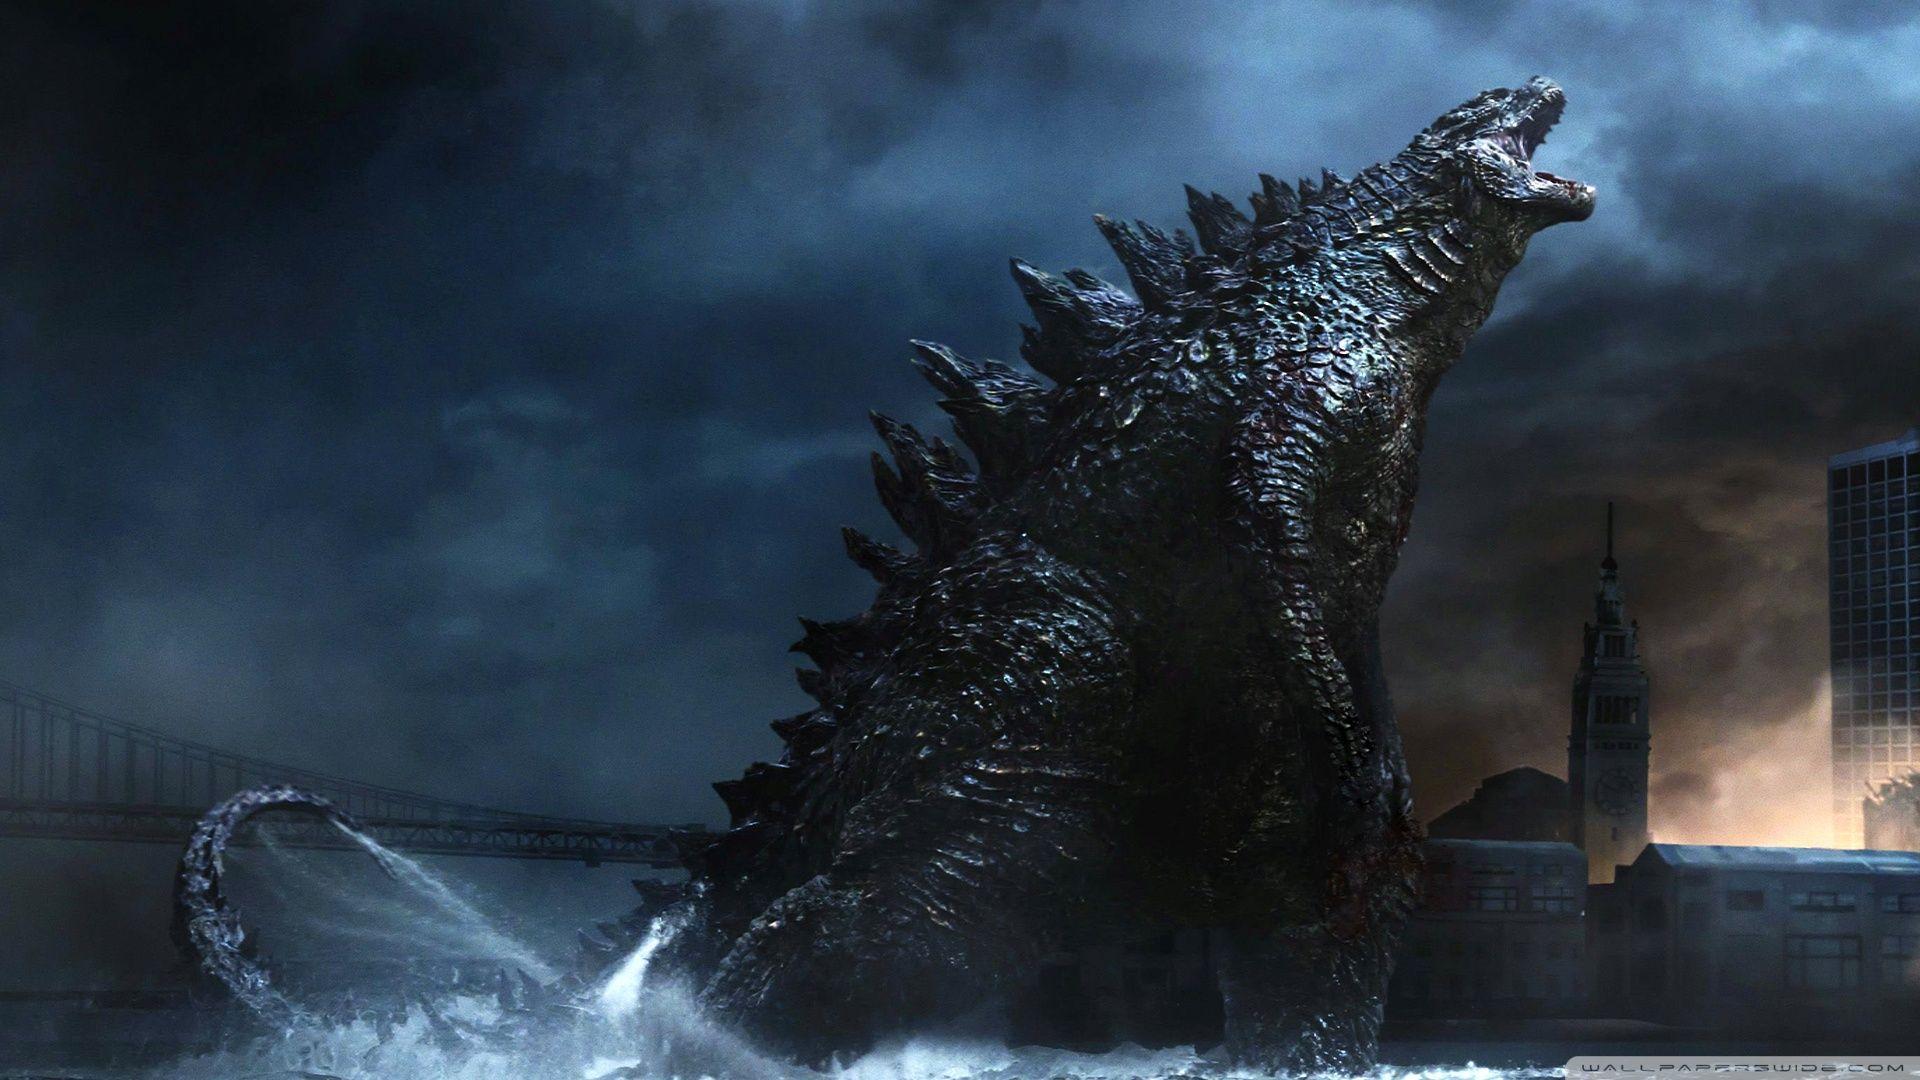 Godzilla 4k Wallpapers Top Free Godzilla 4k Backgrounds